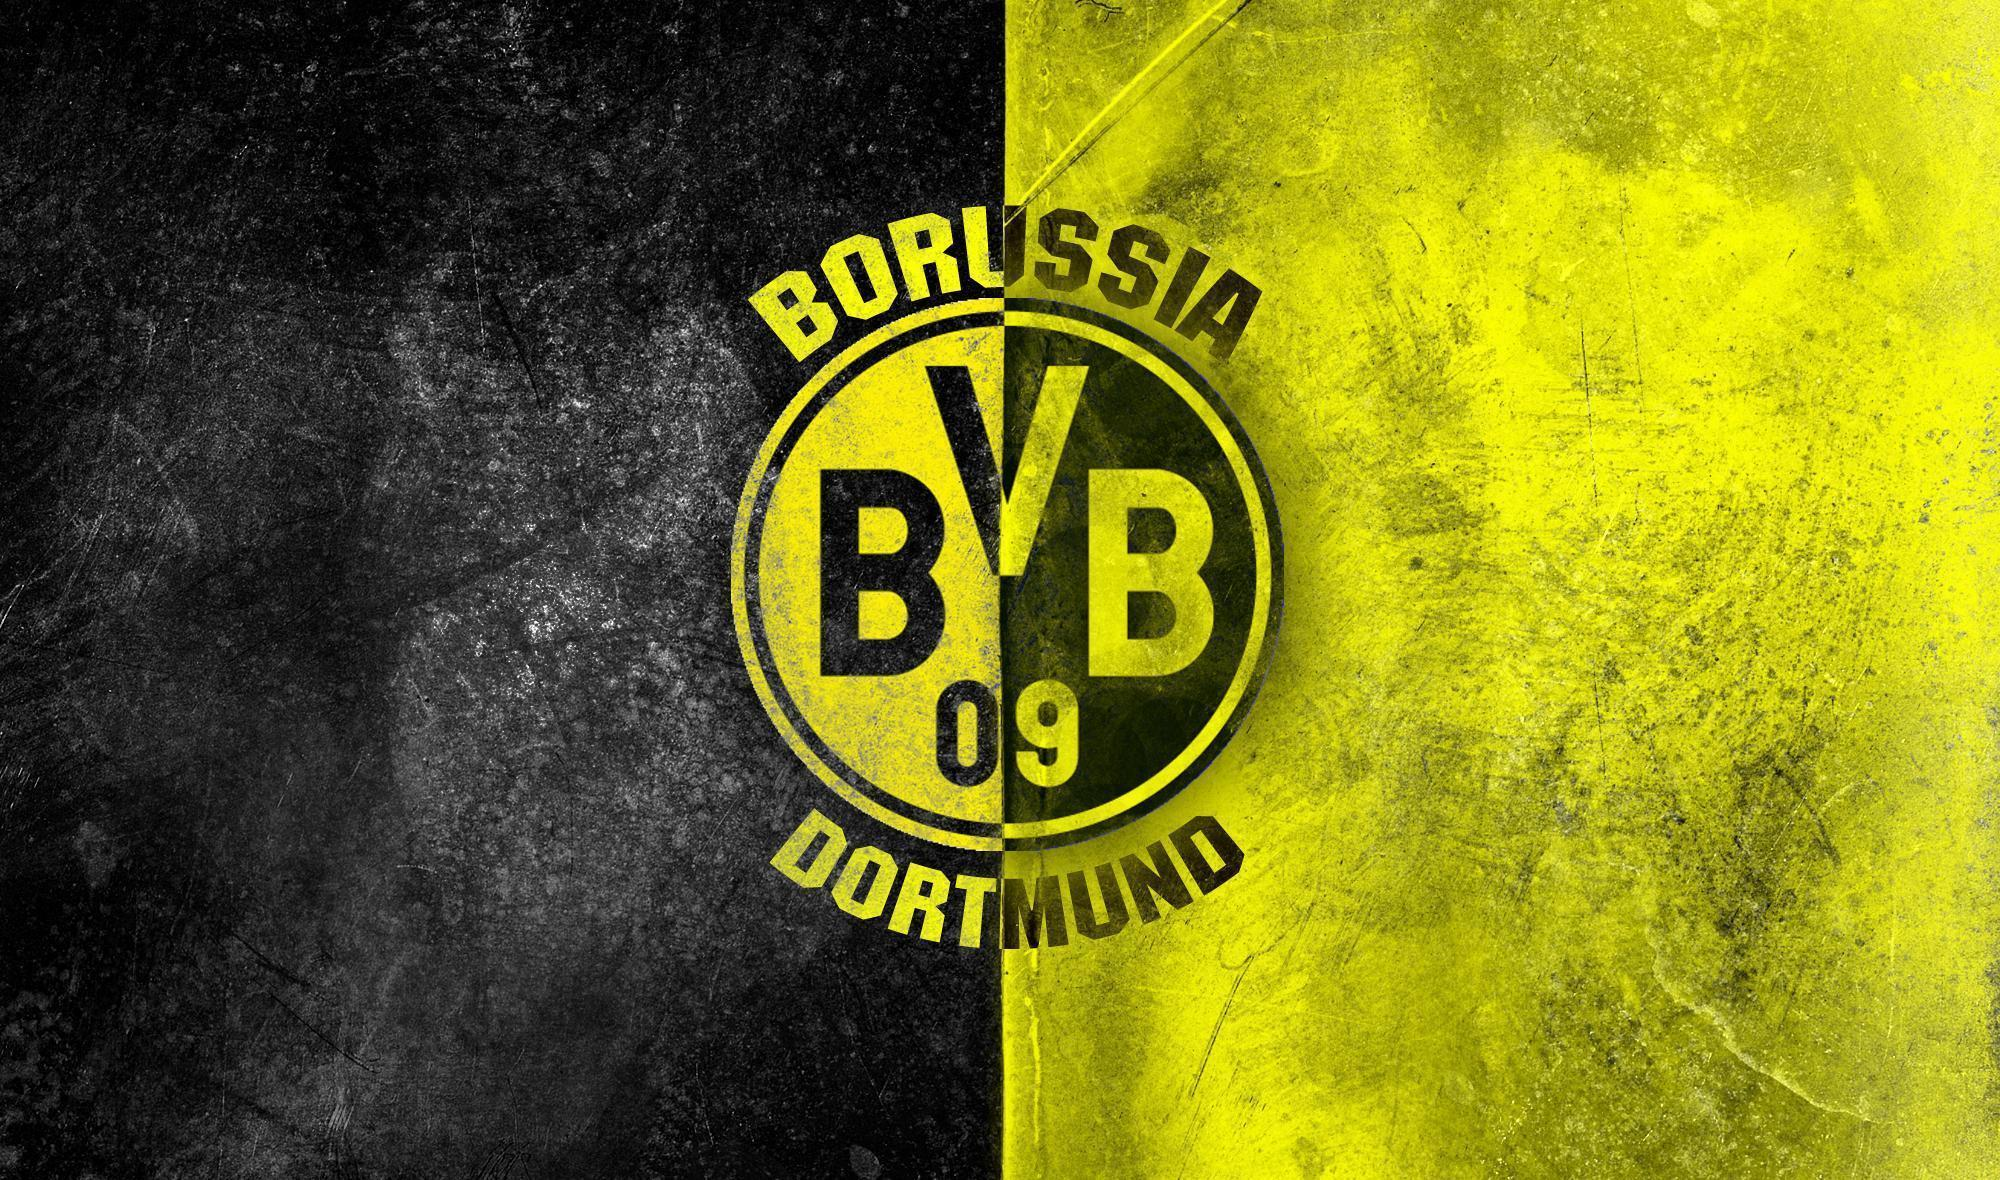 Dortmund Wallpapers   Top Dortmund Backgrounds   WallpaperAccess 2000x1180